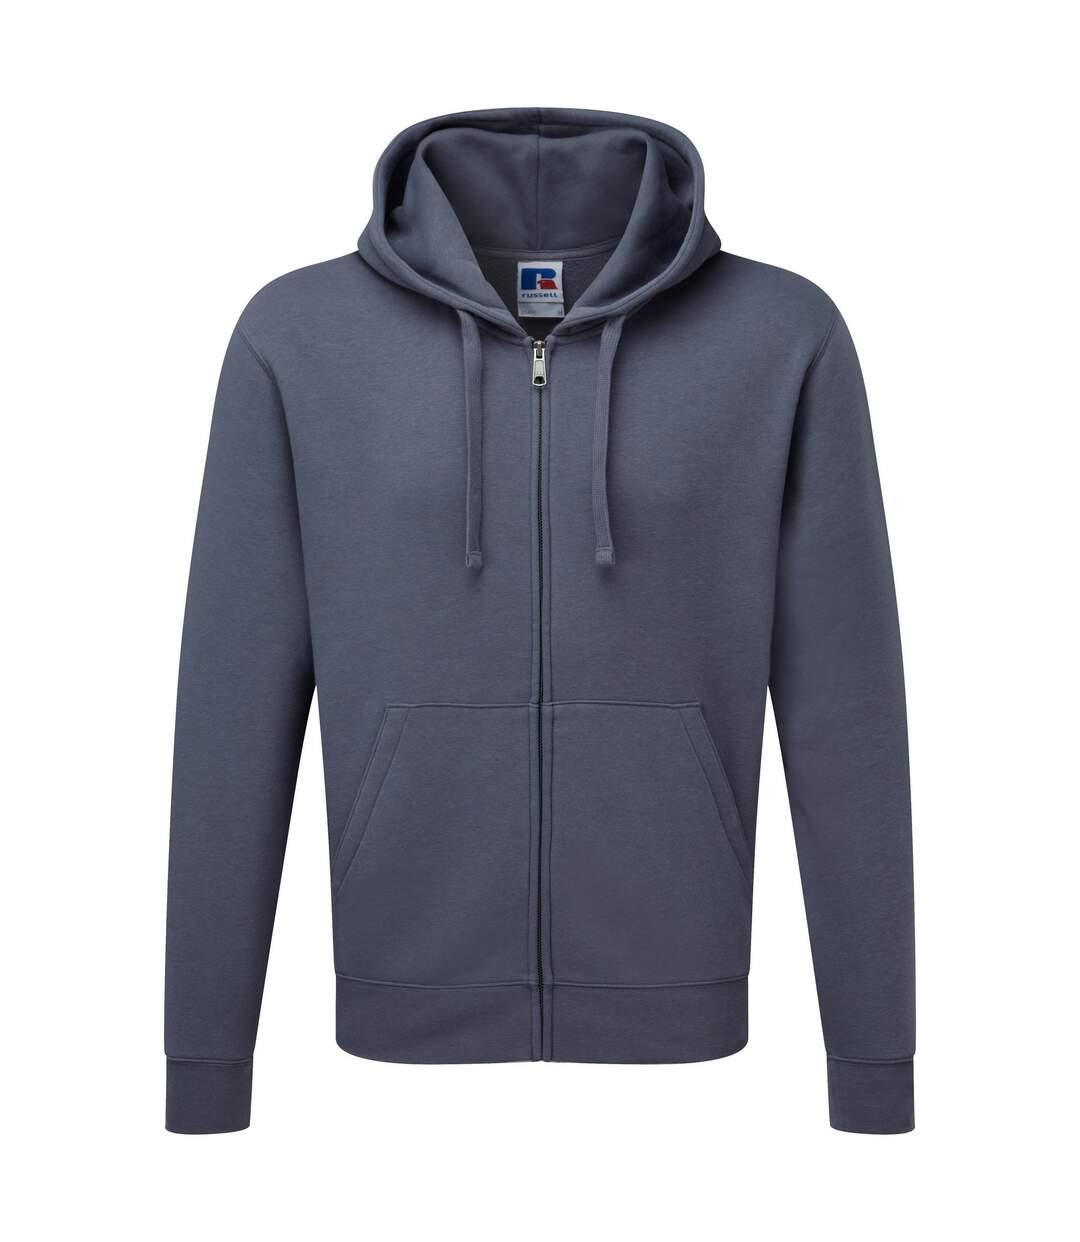 Russell Mens Authentic Full Zip Hooded Sweatshirt / Hoodie (Convoy Grey) - UTBC1499